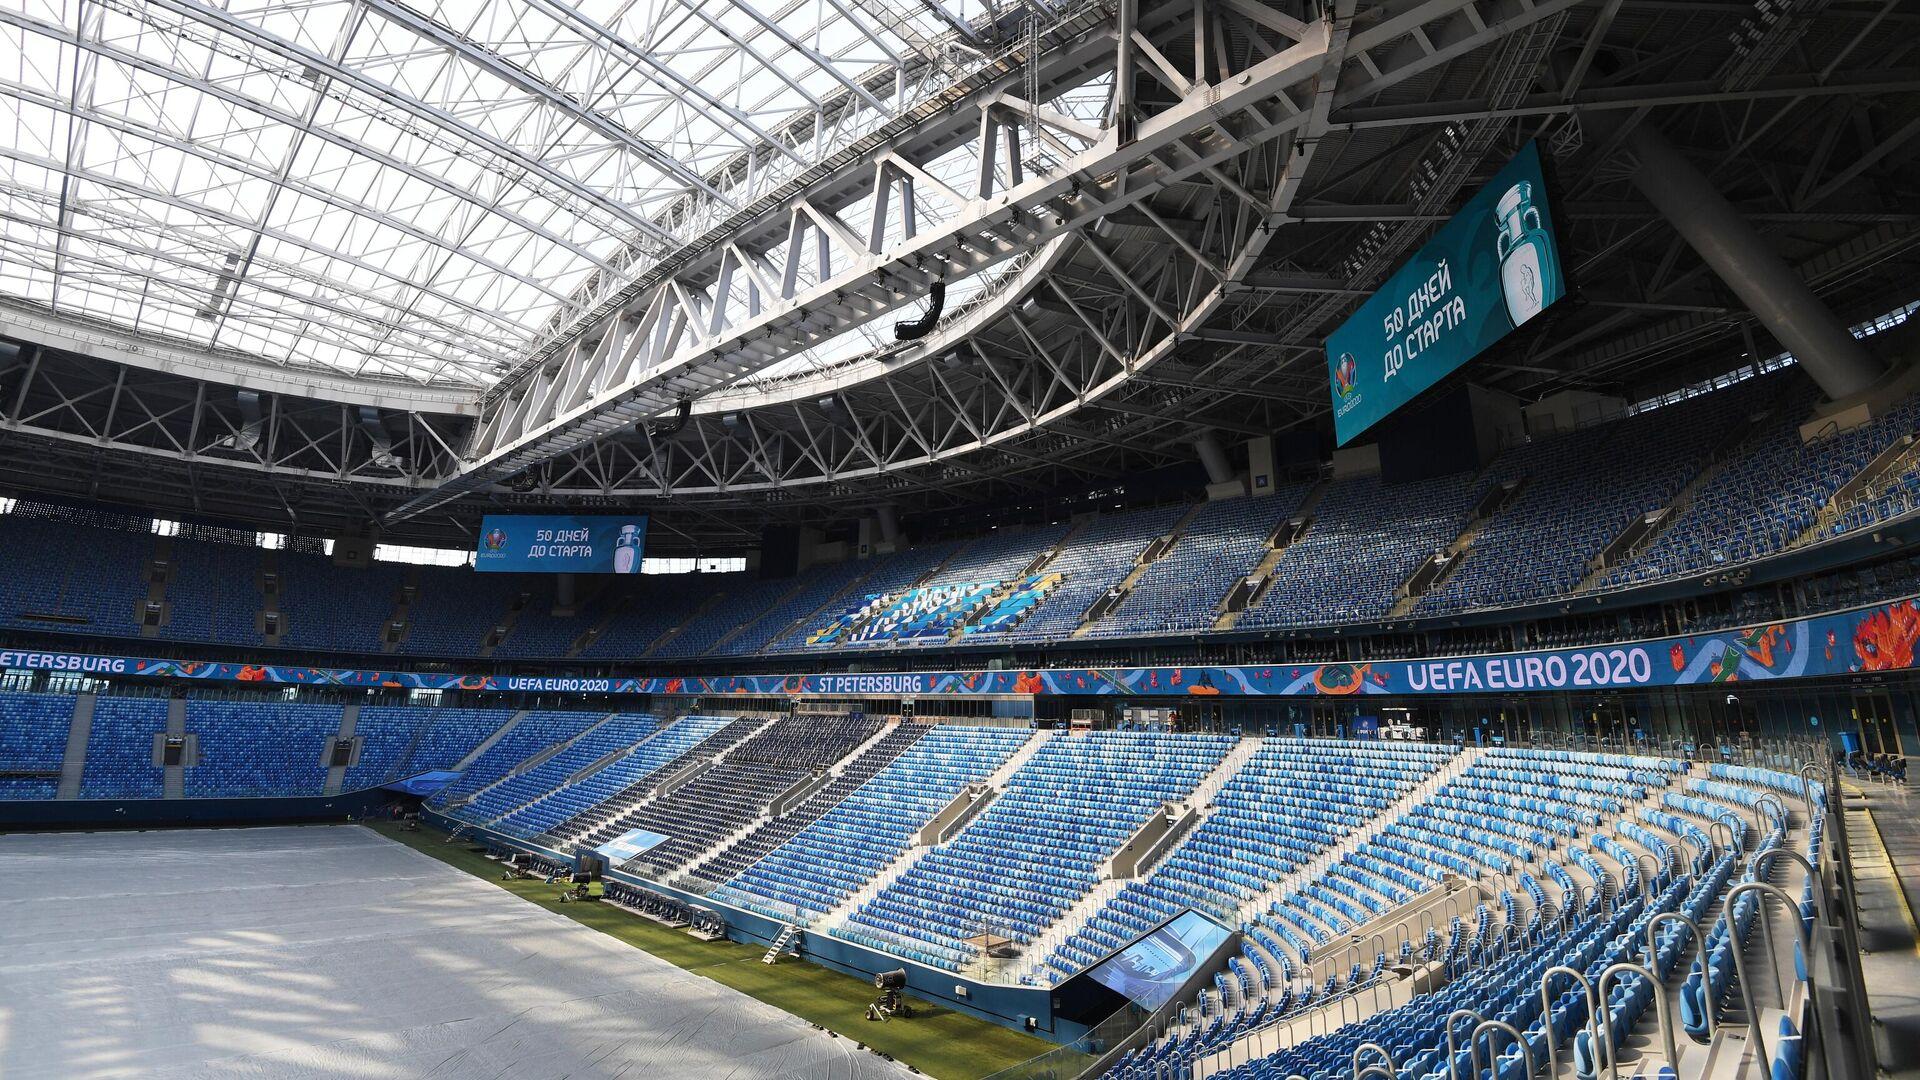 Футбольный стадион Газпром Арена в Санкт-Петербурге - РИА Новости, 1920, 03.06.2021